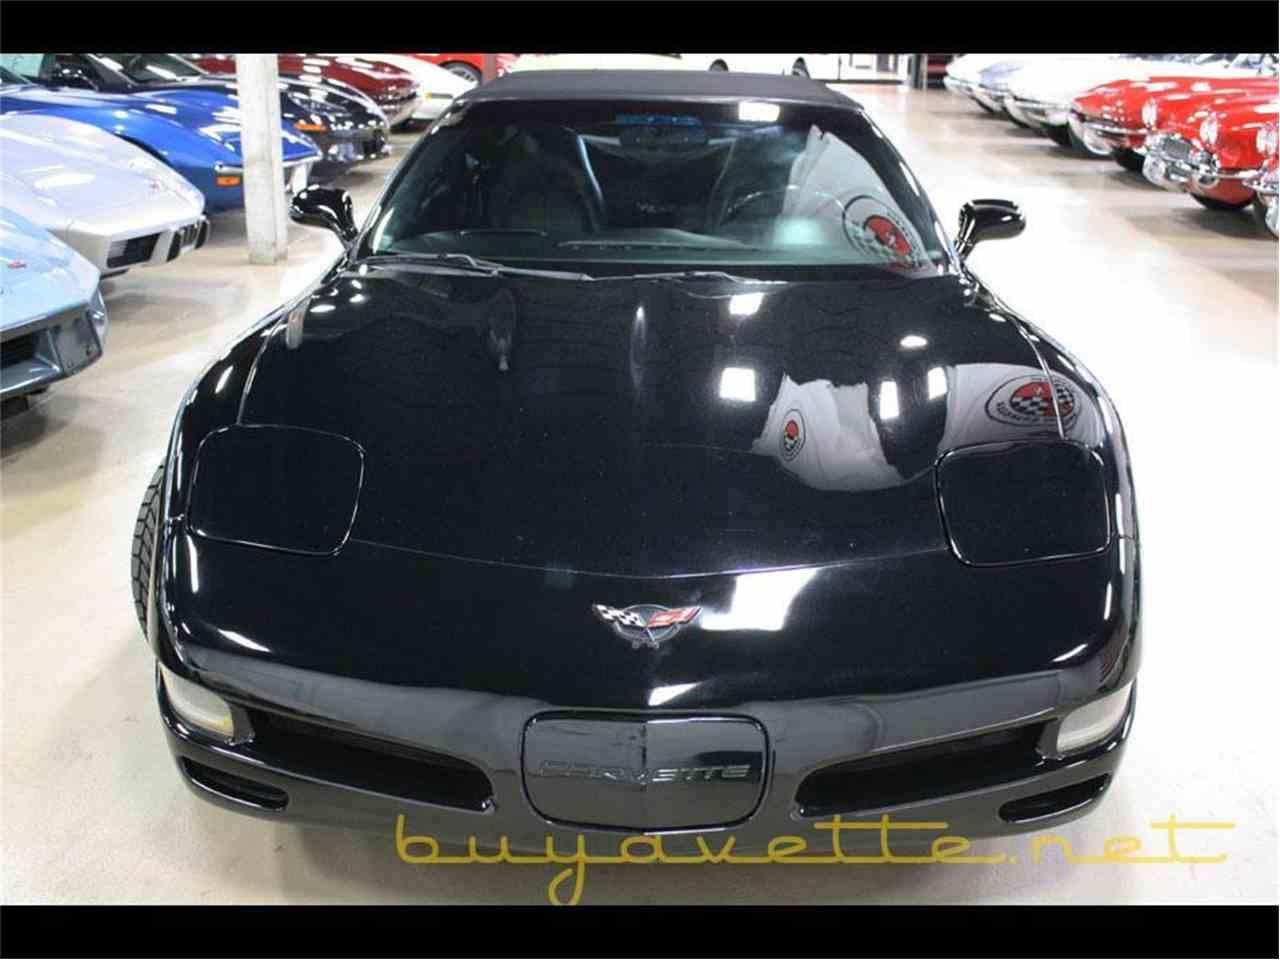 Large Picture of '99 Chevrolet Corvette located in Atlanta Georgia - $13,999.00 - C89P